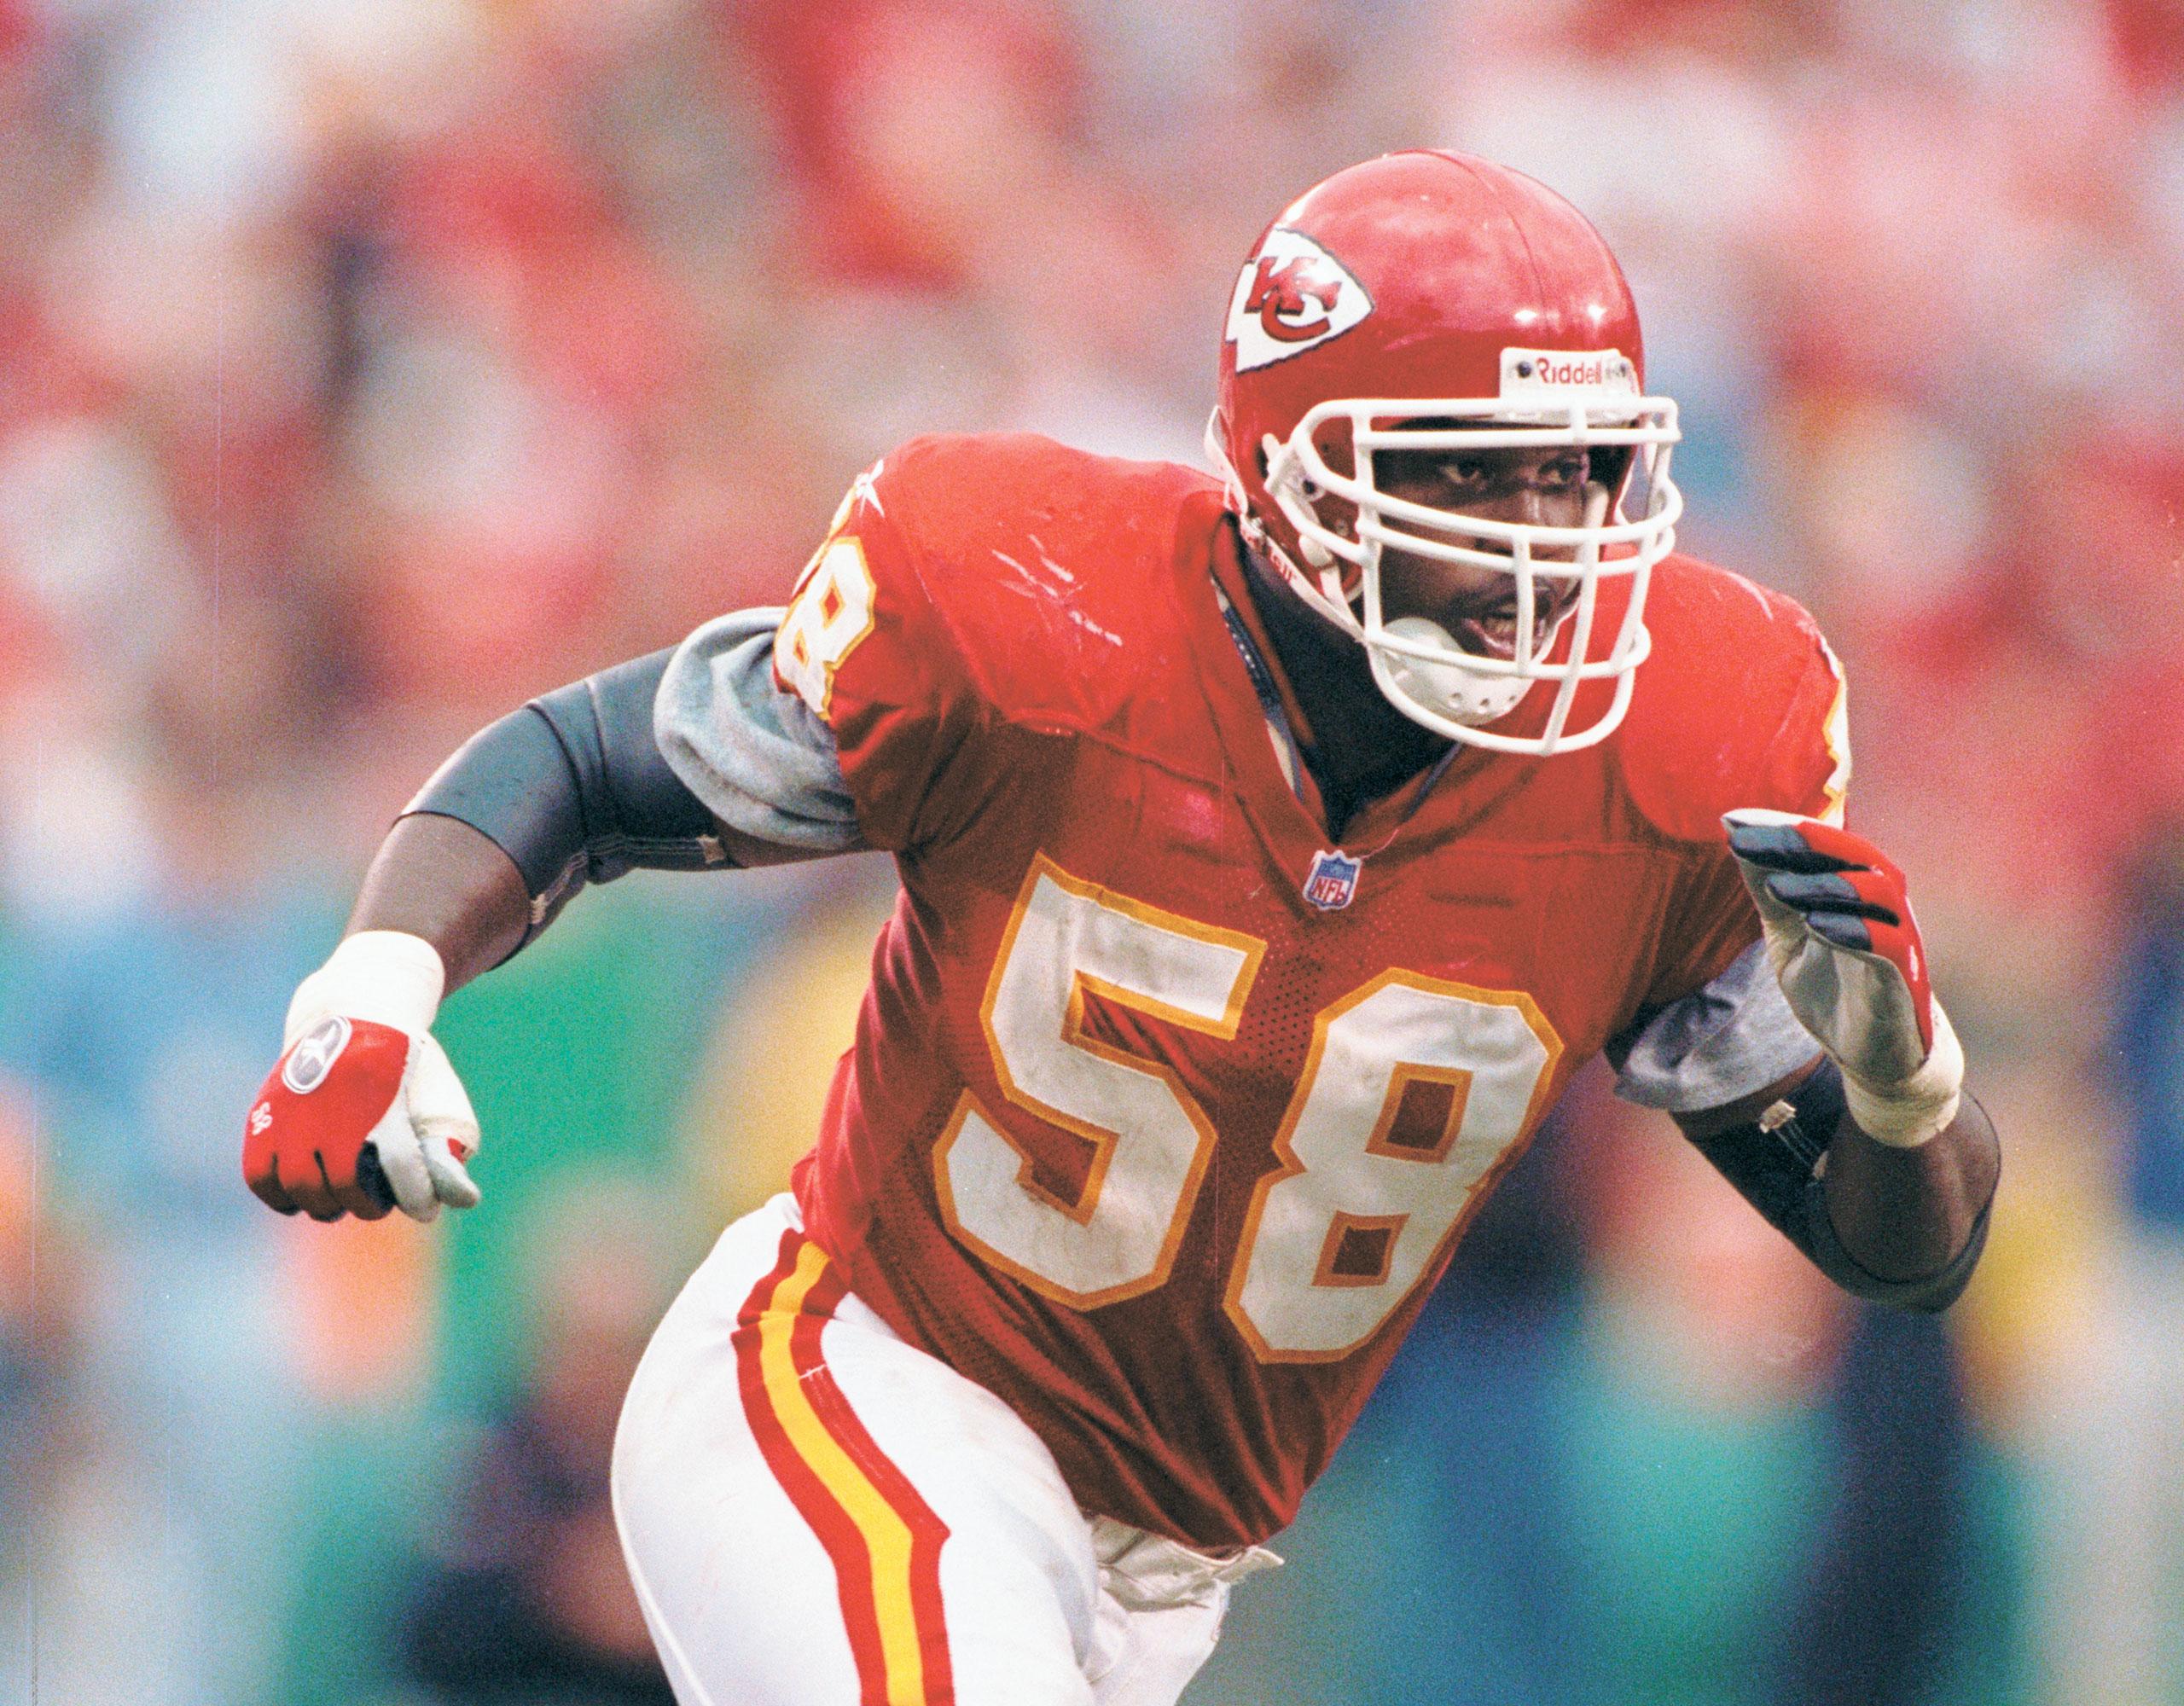 Chiefs History 2000-Present | Kansas City Chiefs - Chiefs.com